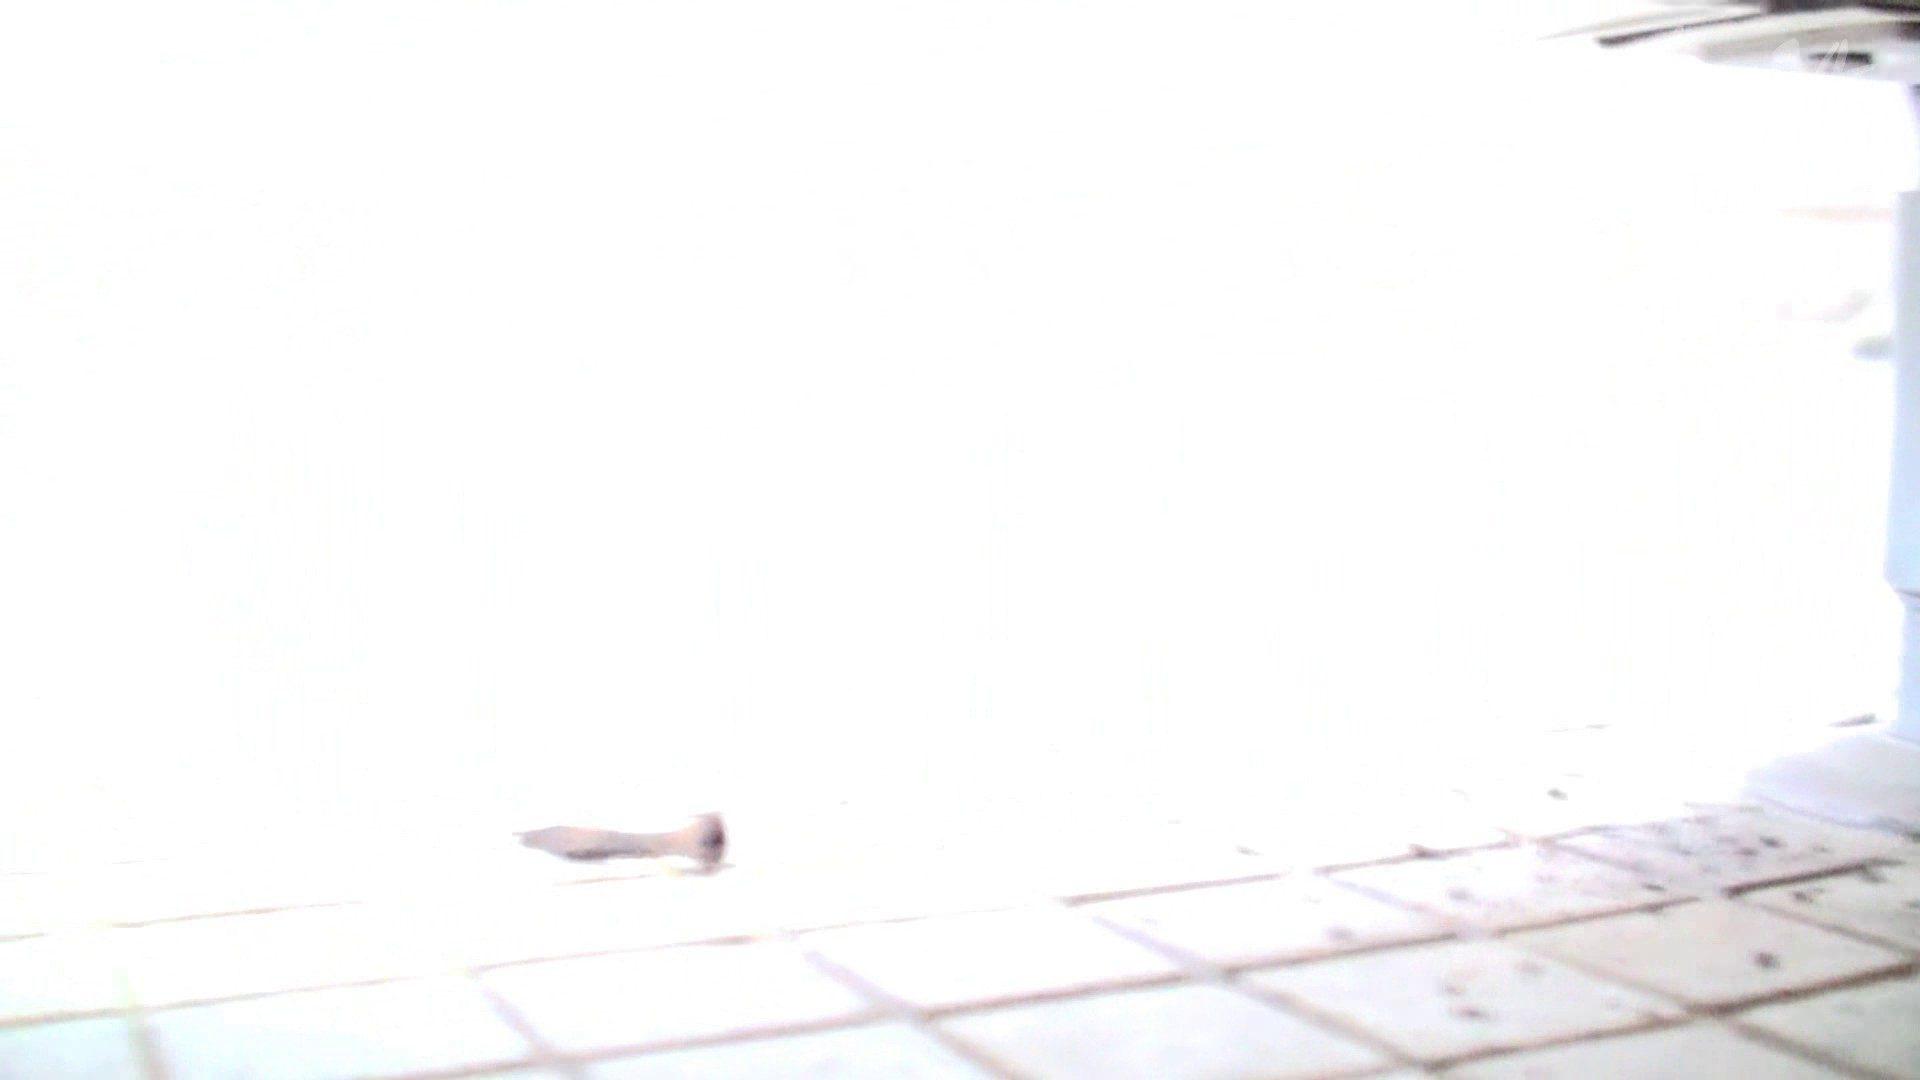 ※100個限定販売 至高下半身盗撮 プレミアム Vol.4 ハイビジョン 盗撮映像大放出 | エッチすぎるOL達  77連発 29